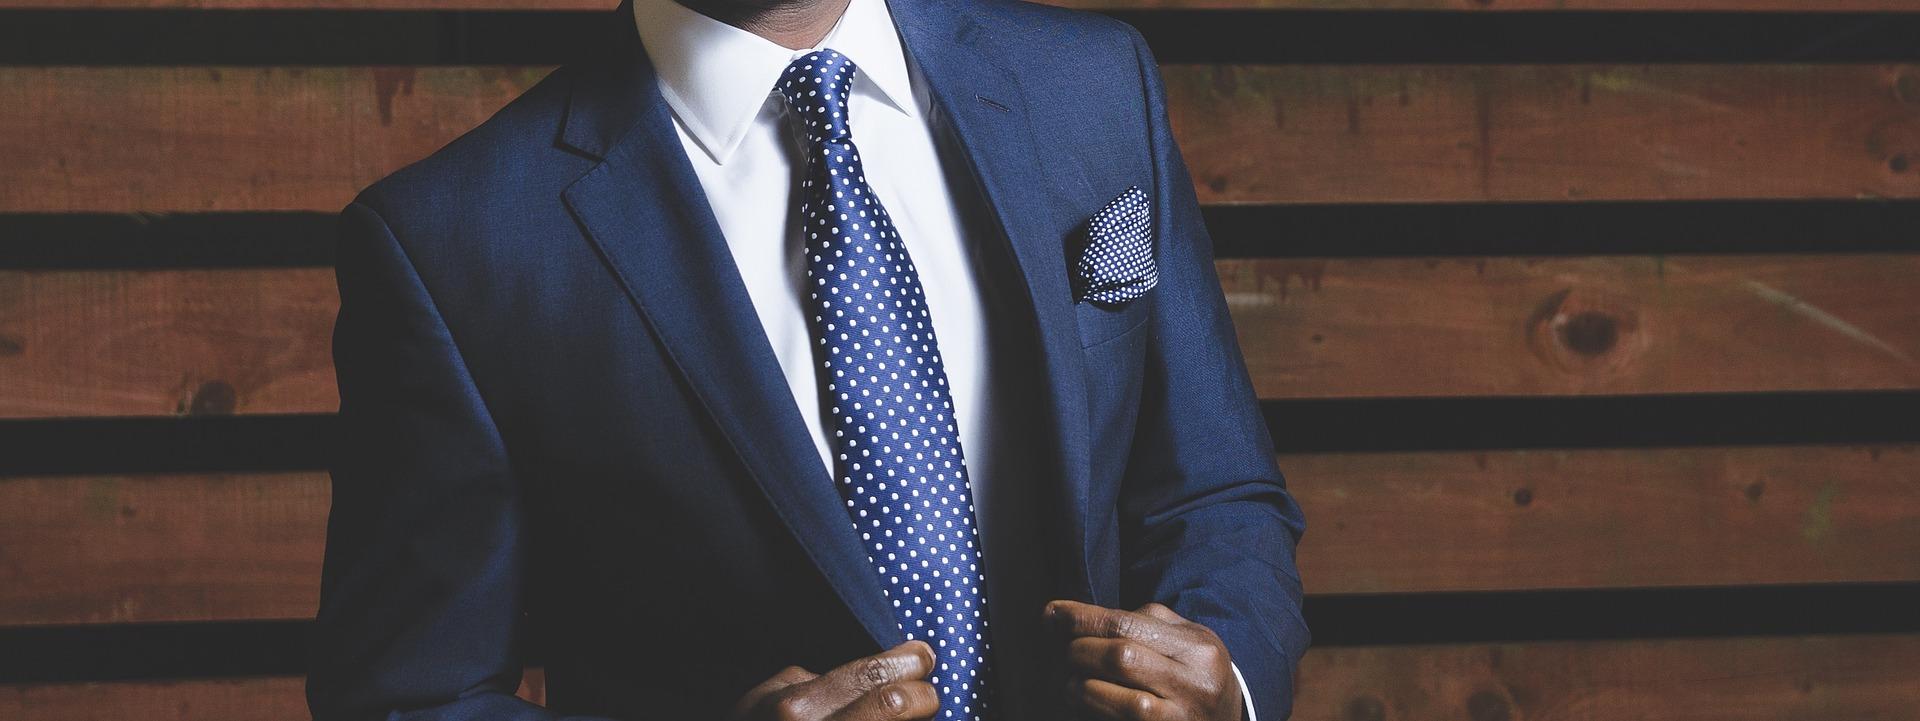 Come si indossa la cravatta?